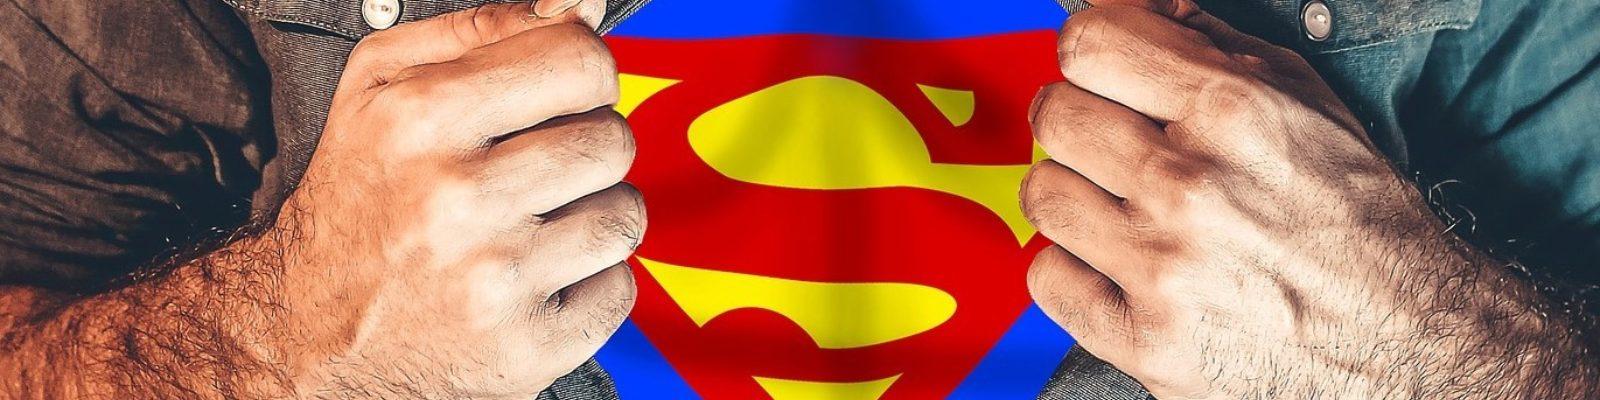 Superheld-Einkauf-190227